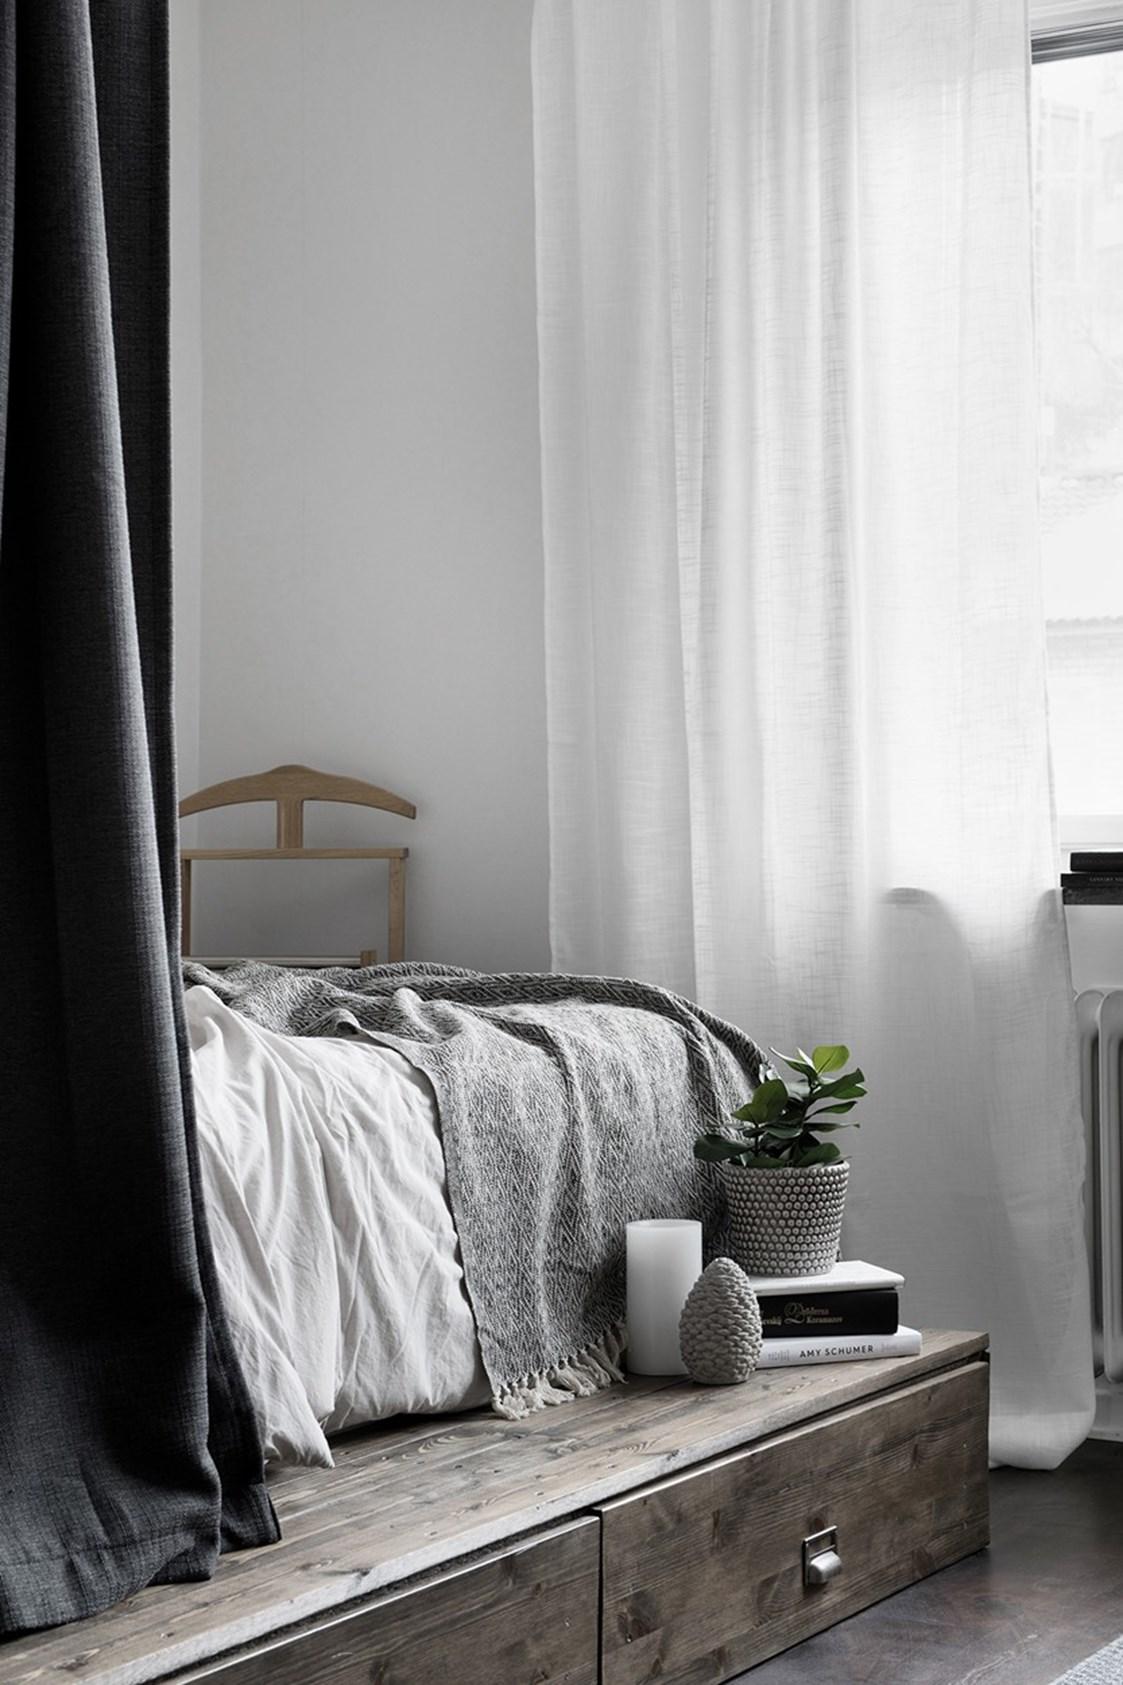 Kleine slaapkamer met een houten platform met ladekasten